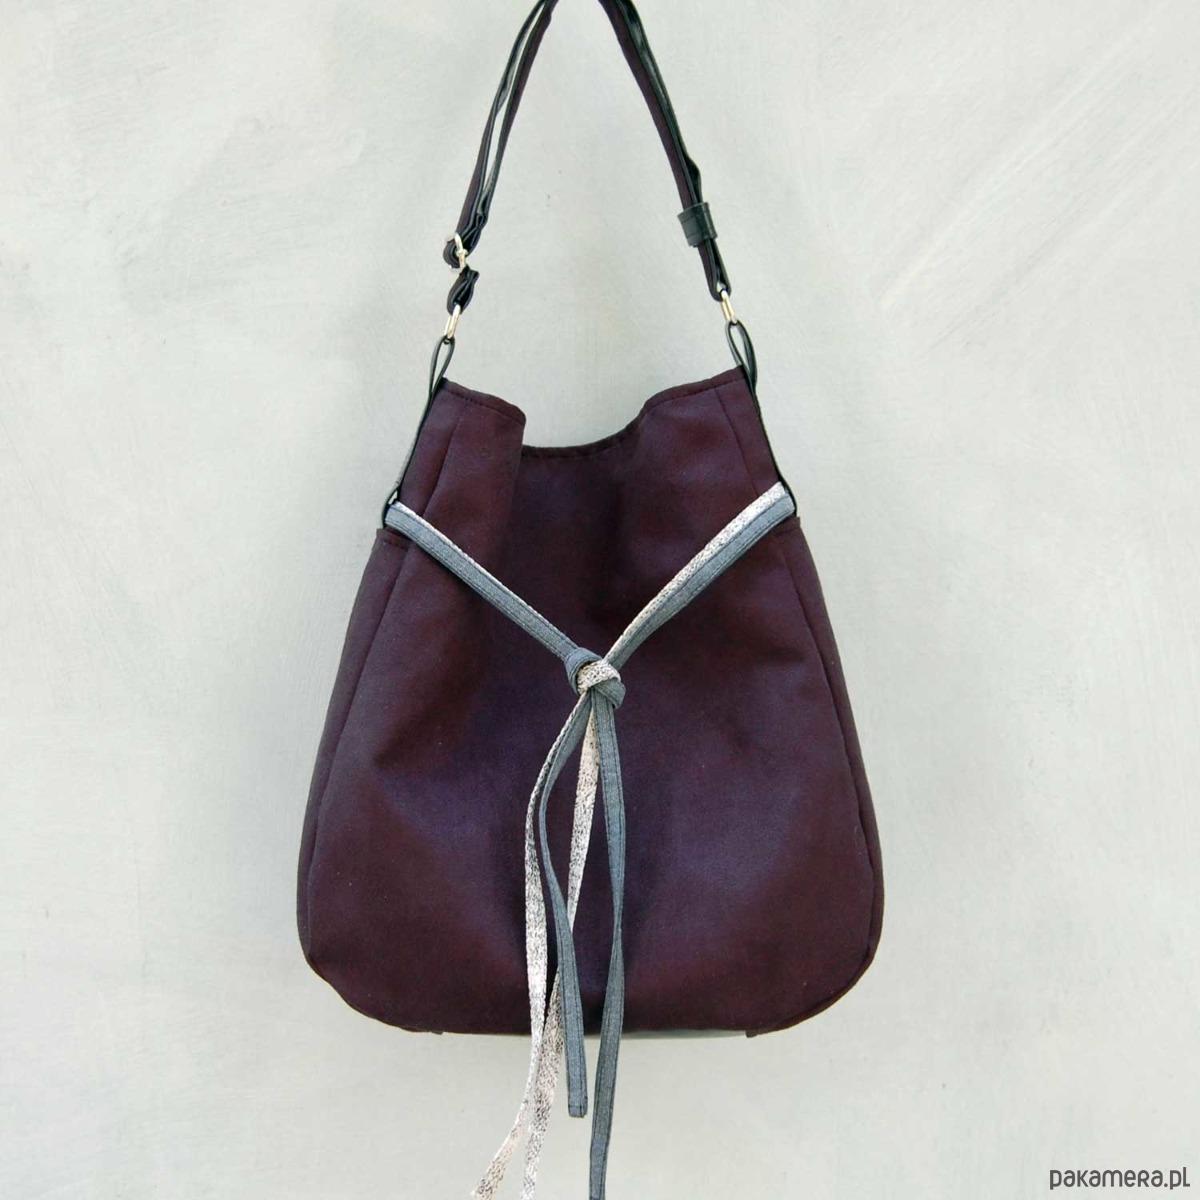 a9e6aa1e29f9c SIMPLY BAG - duża torba worek - czarna - torby na ramię - damskie -  Pakamera.pl